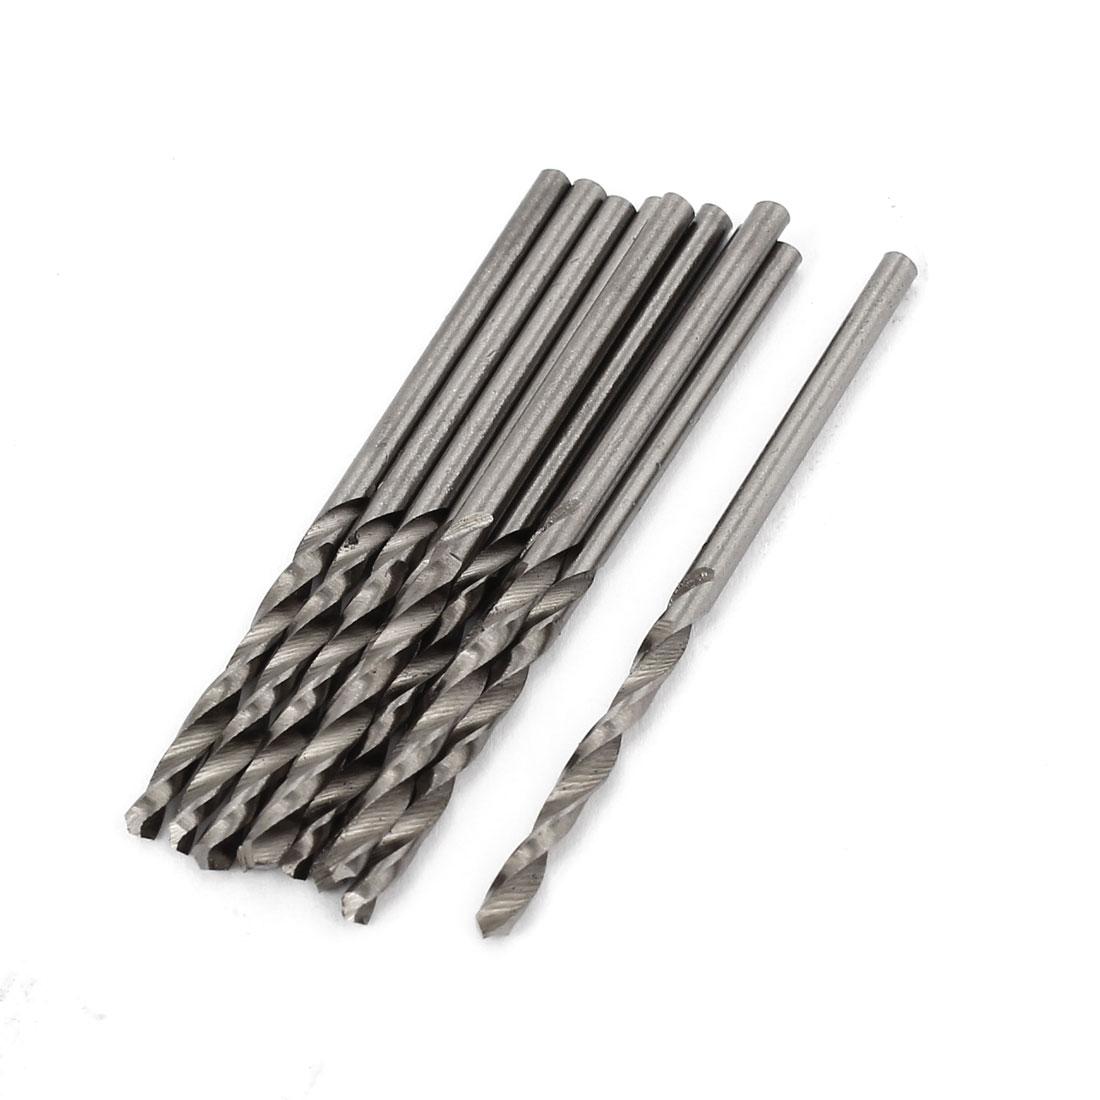 10 Pcs 25mm Length Flute 2.1mm Dia Metal Marble HSS Twist Drilling Drill Bit